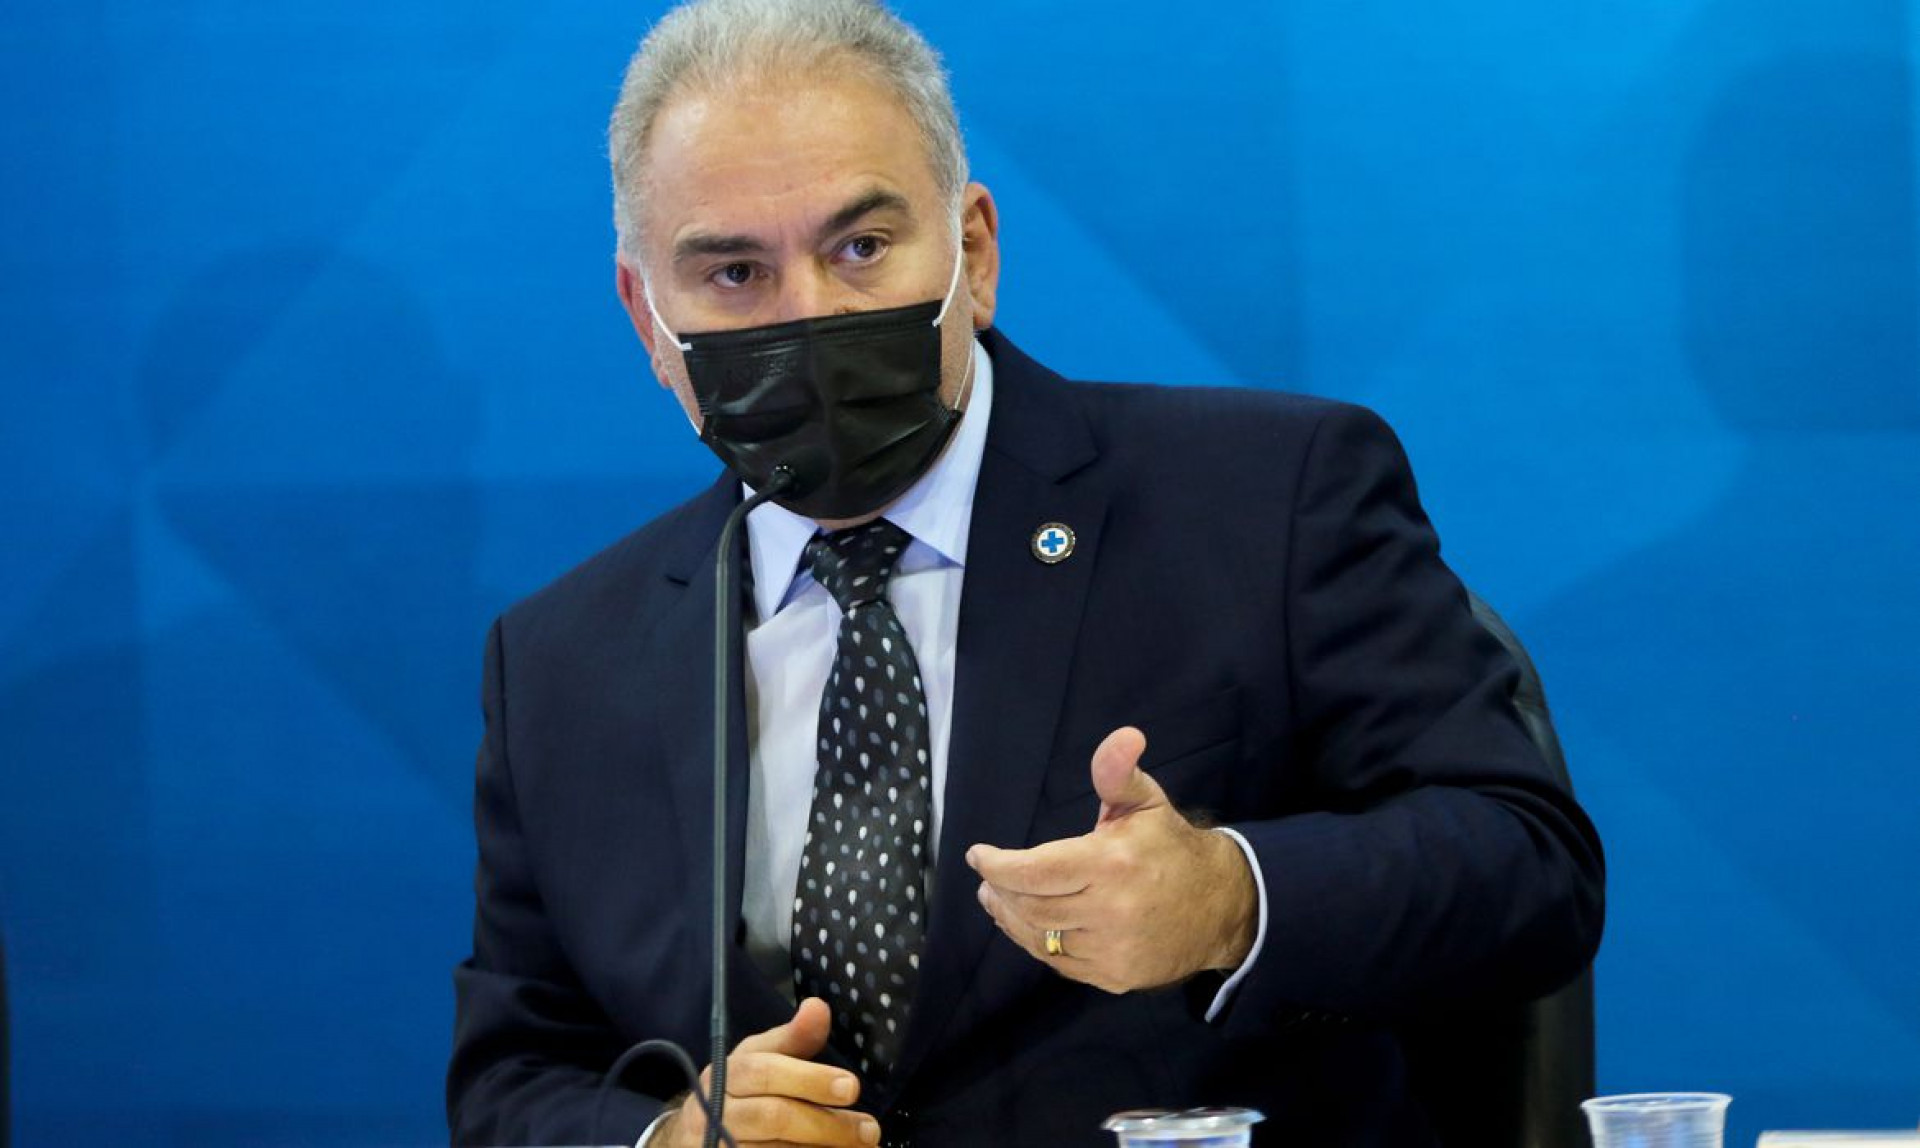 Ministro da Saúde, Marcelo Queiroga, não será mais ouvido pela CPI da Covid (Foto: Wilson Dias/Agência Brasil)